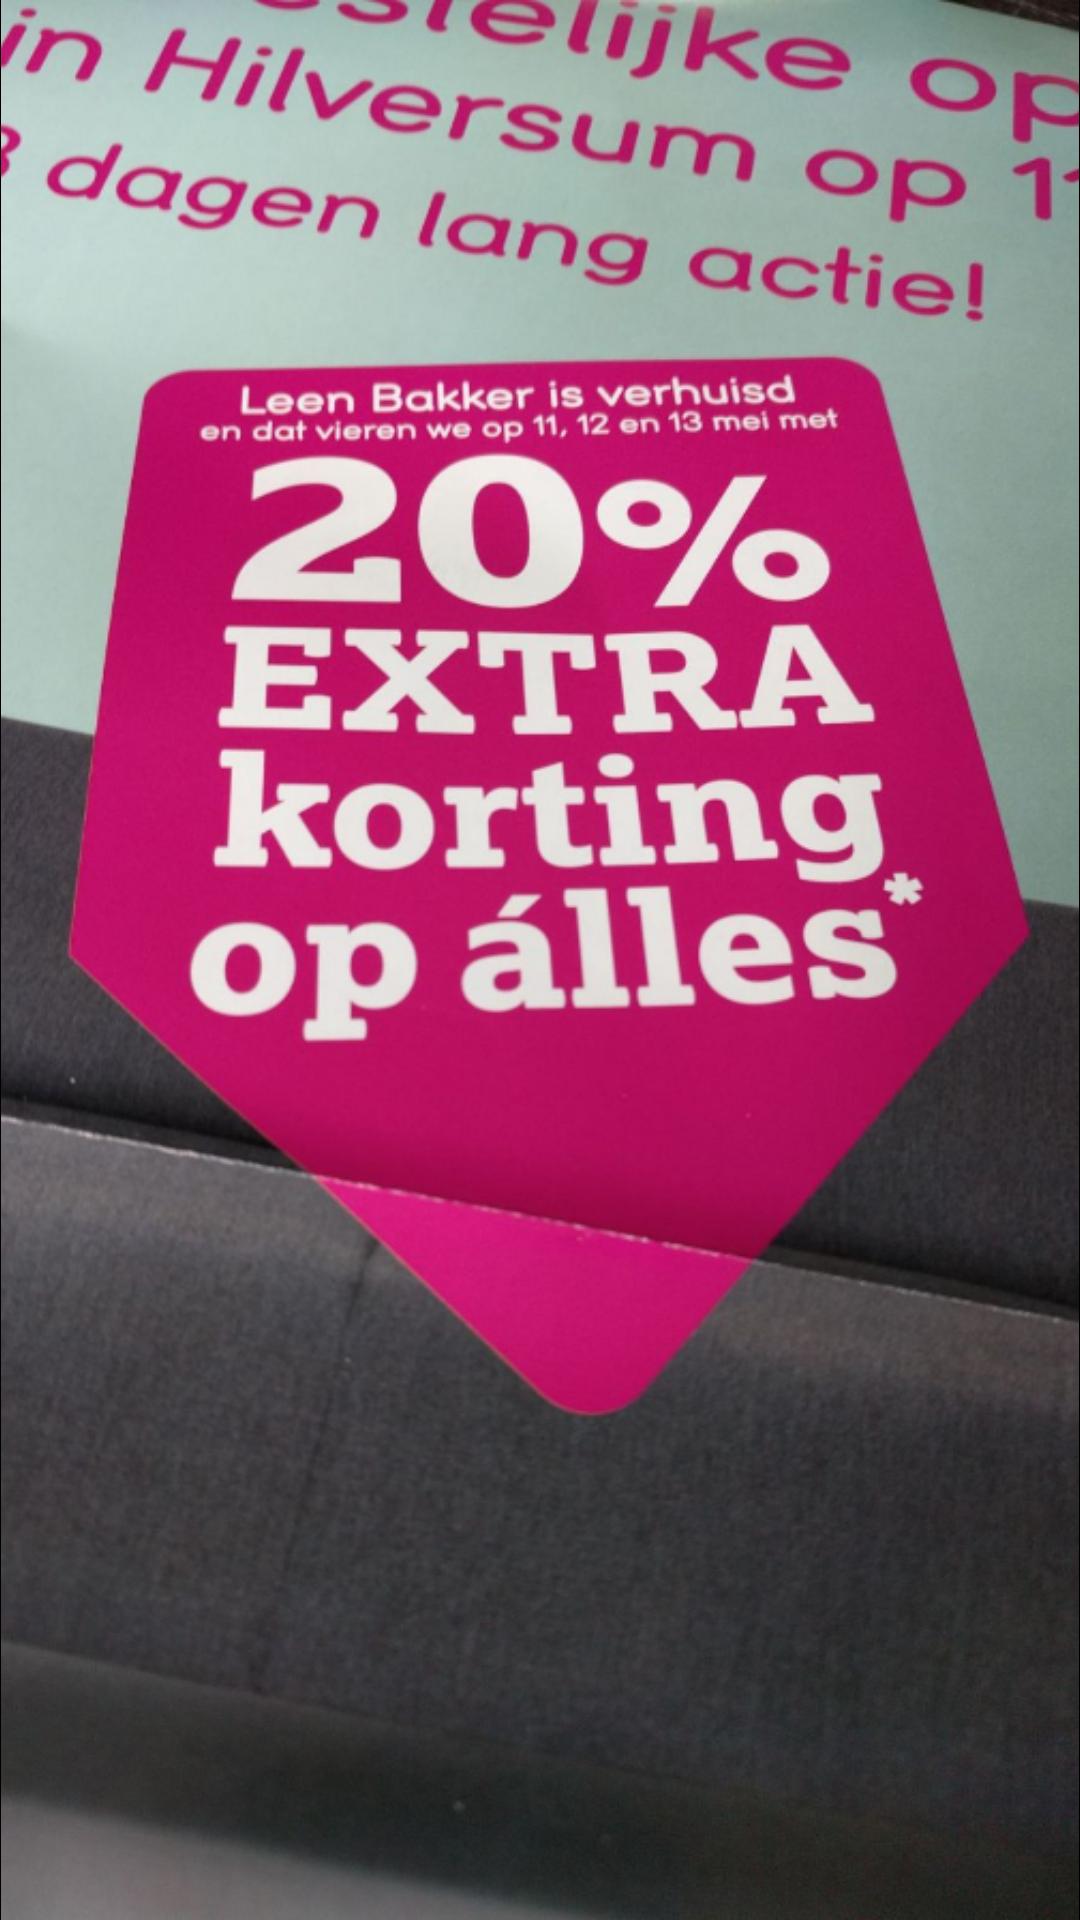 20% korting op alles bij Leen Bakker Hilversum op 11,12 en 13 mei